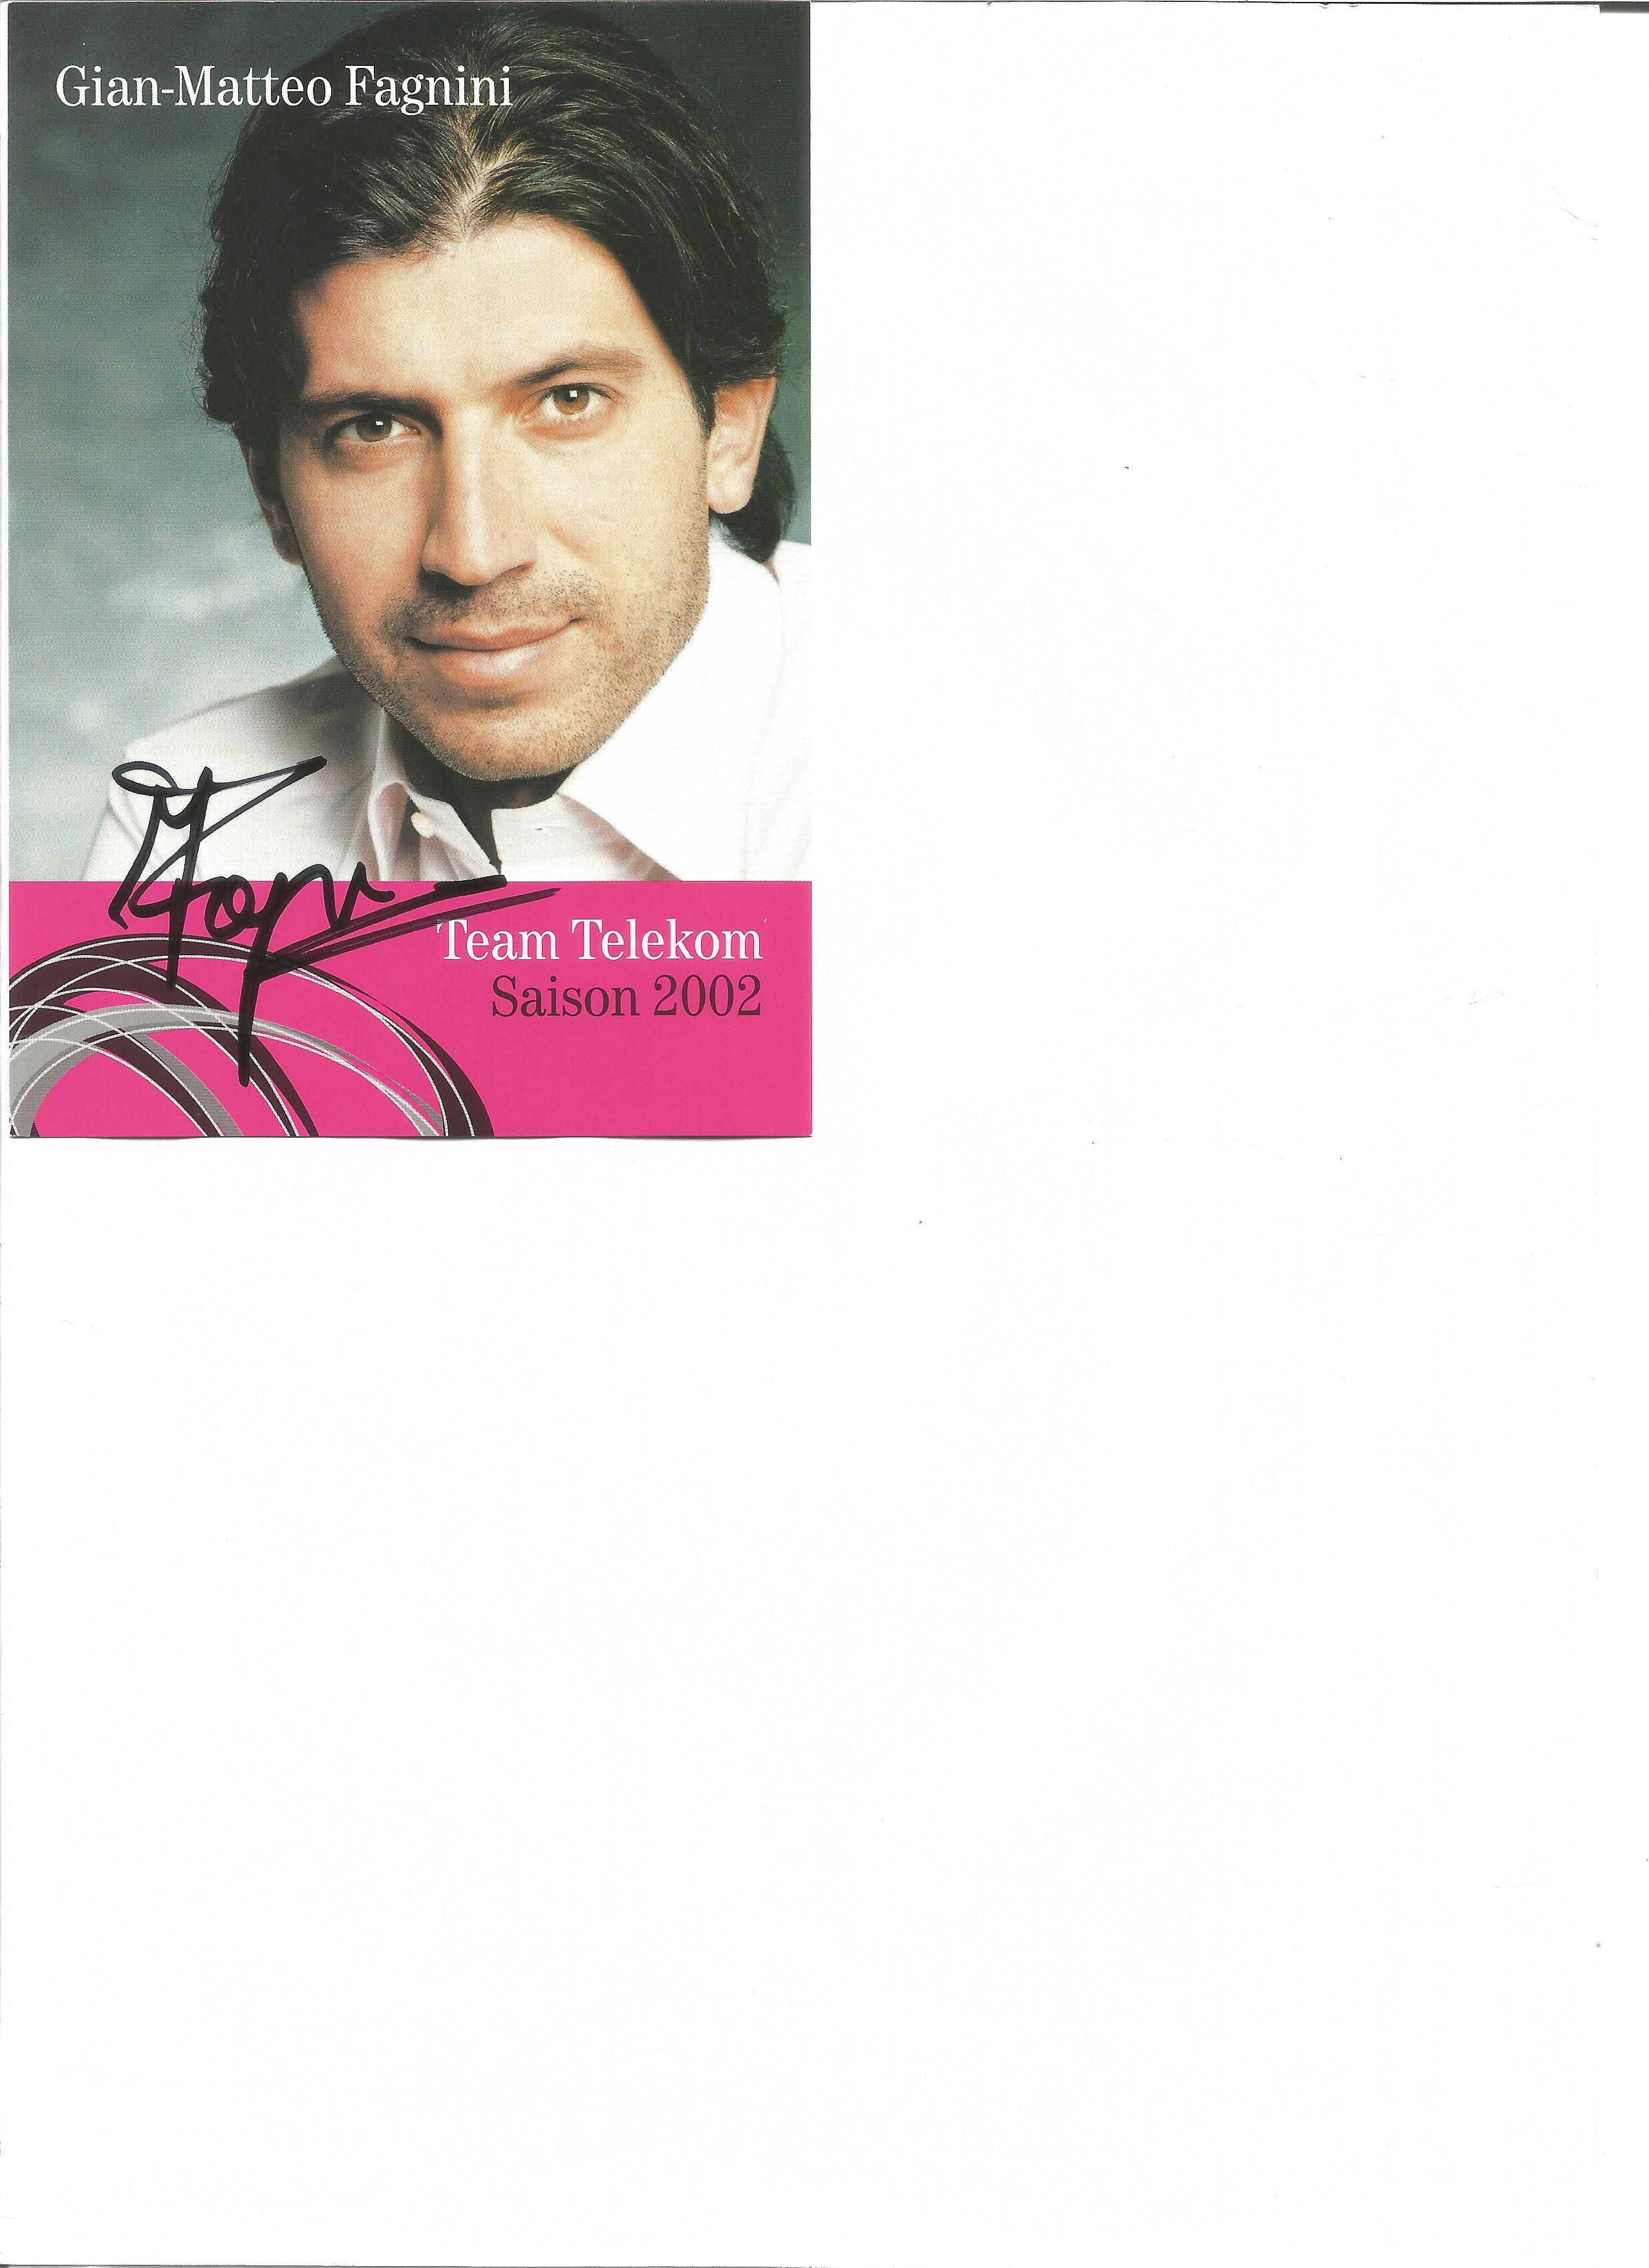 Lot 144 - Cycling Gian Matteo Fanini 6 x 4 inch promo photo. Gian Matteo Fanini is a former Italian